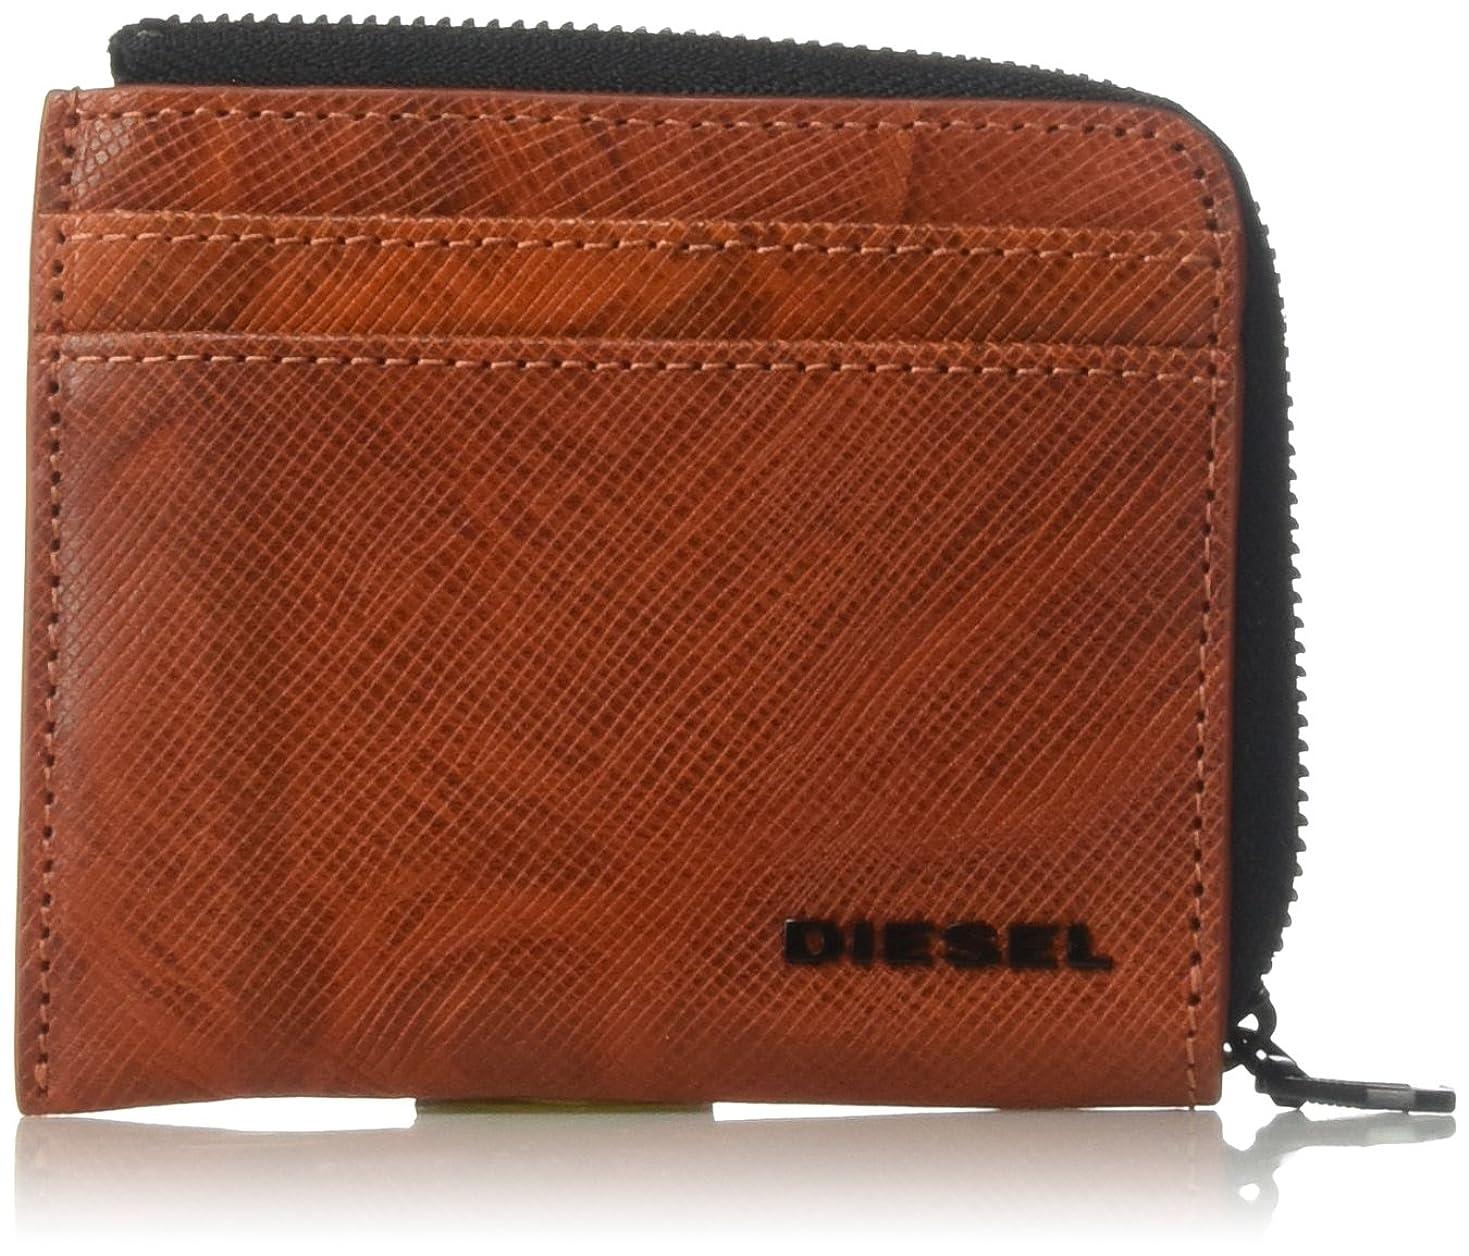 正しくゆるくつかまえる(ディーゼル) DIESEL メンズ カードホルダー付き コインケース SUNBURST PASS ME - card-holder X05372P0517